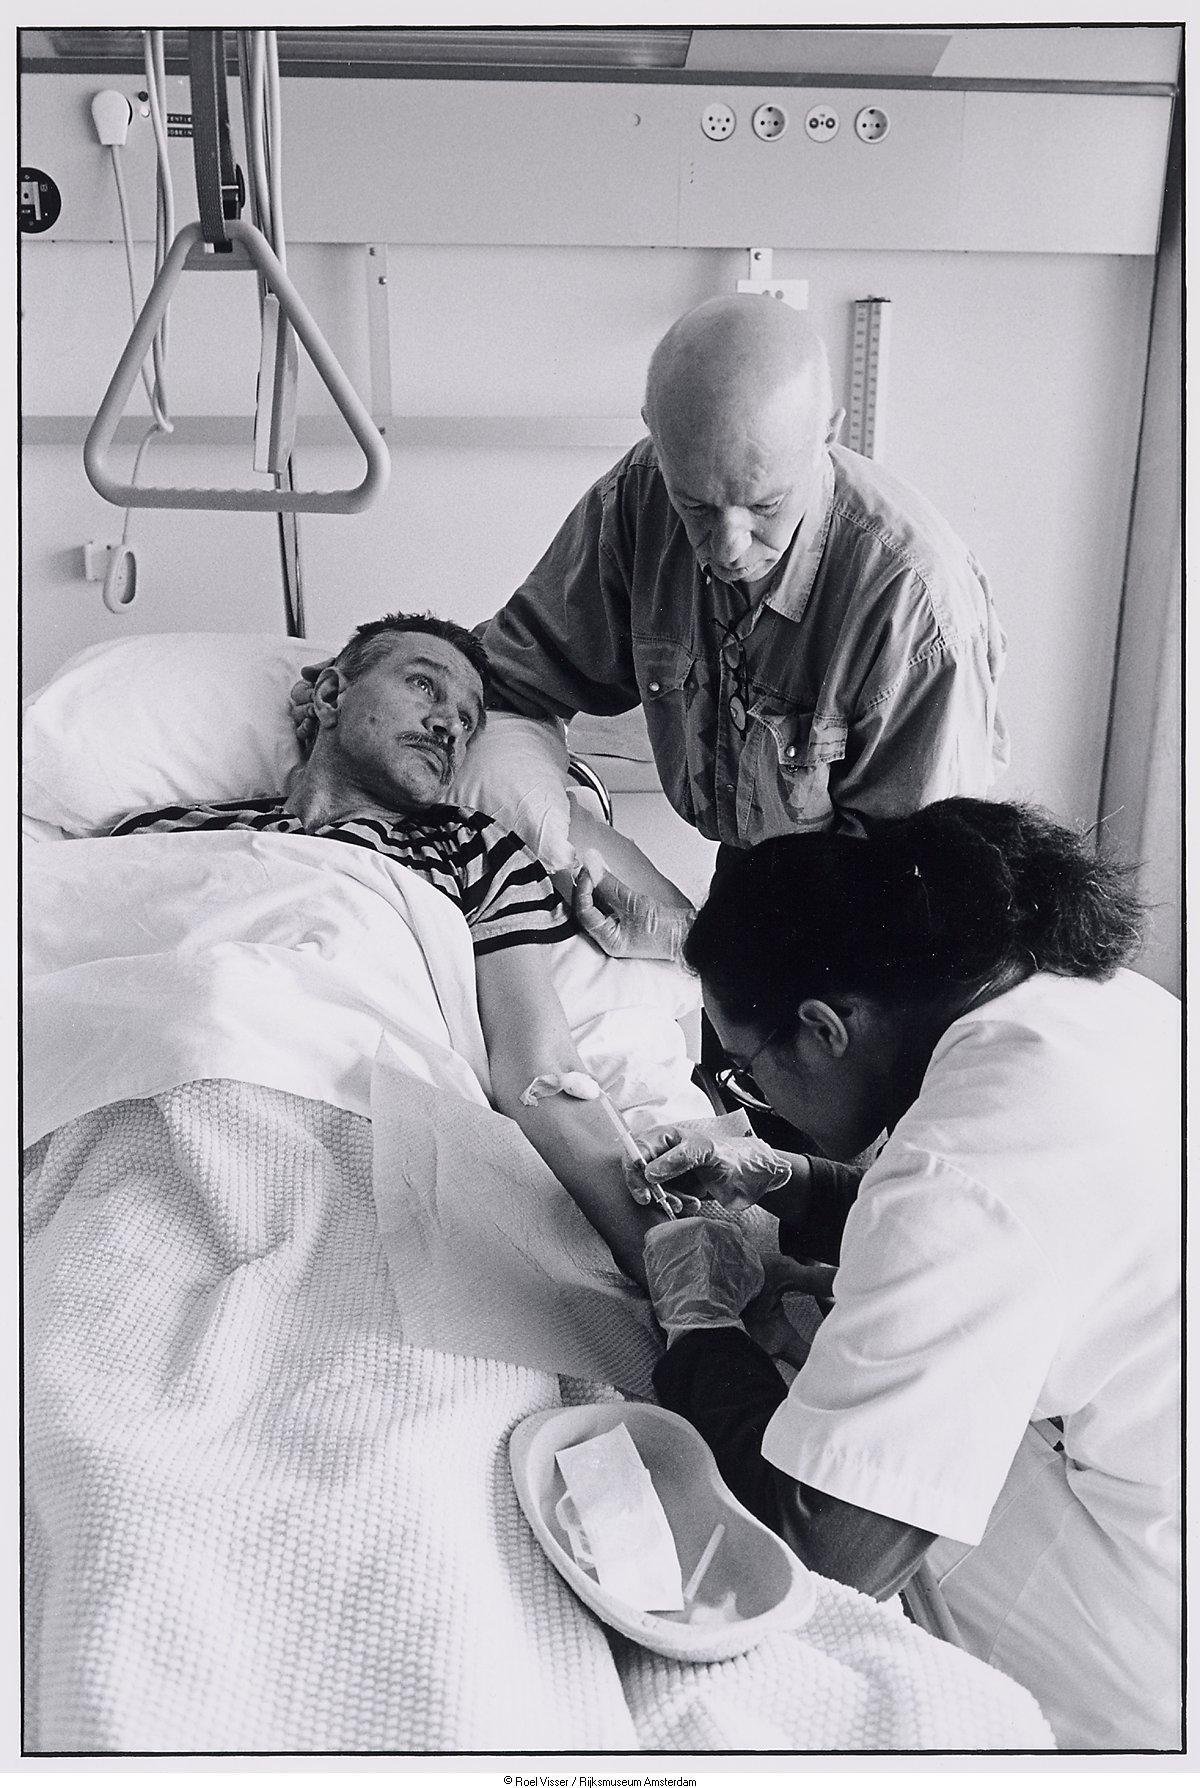 Een Patient met Aids wordt geholpen